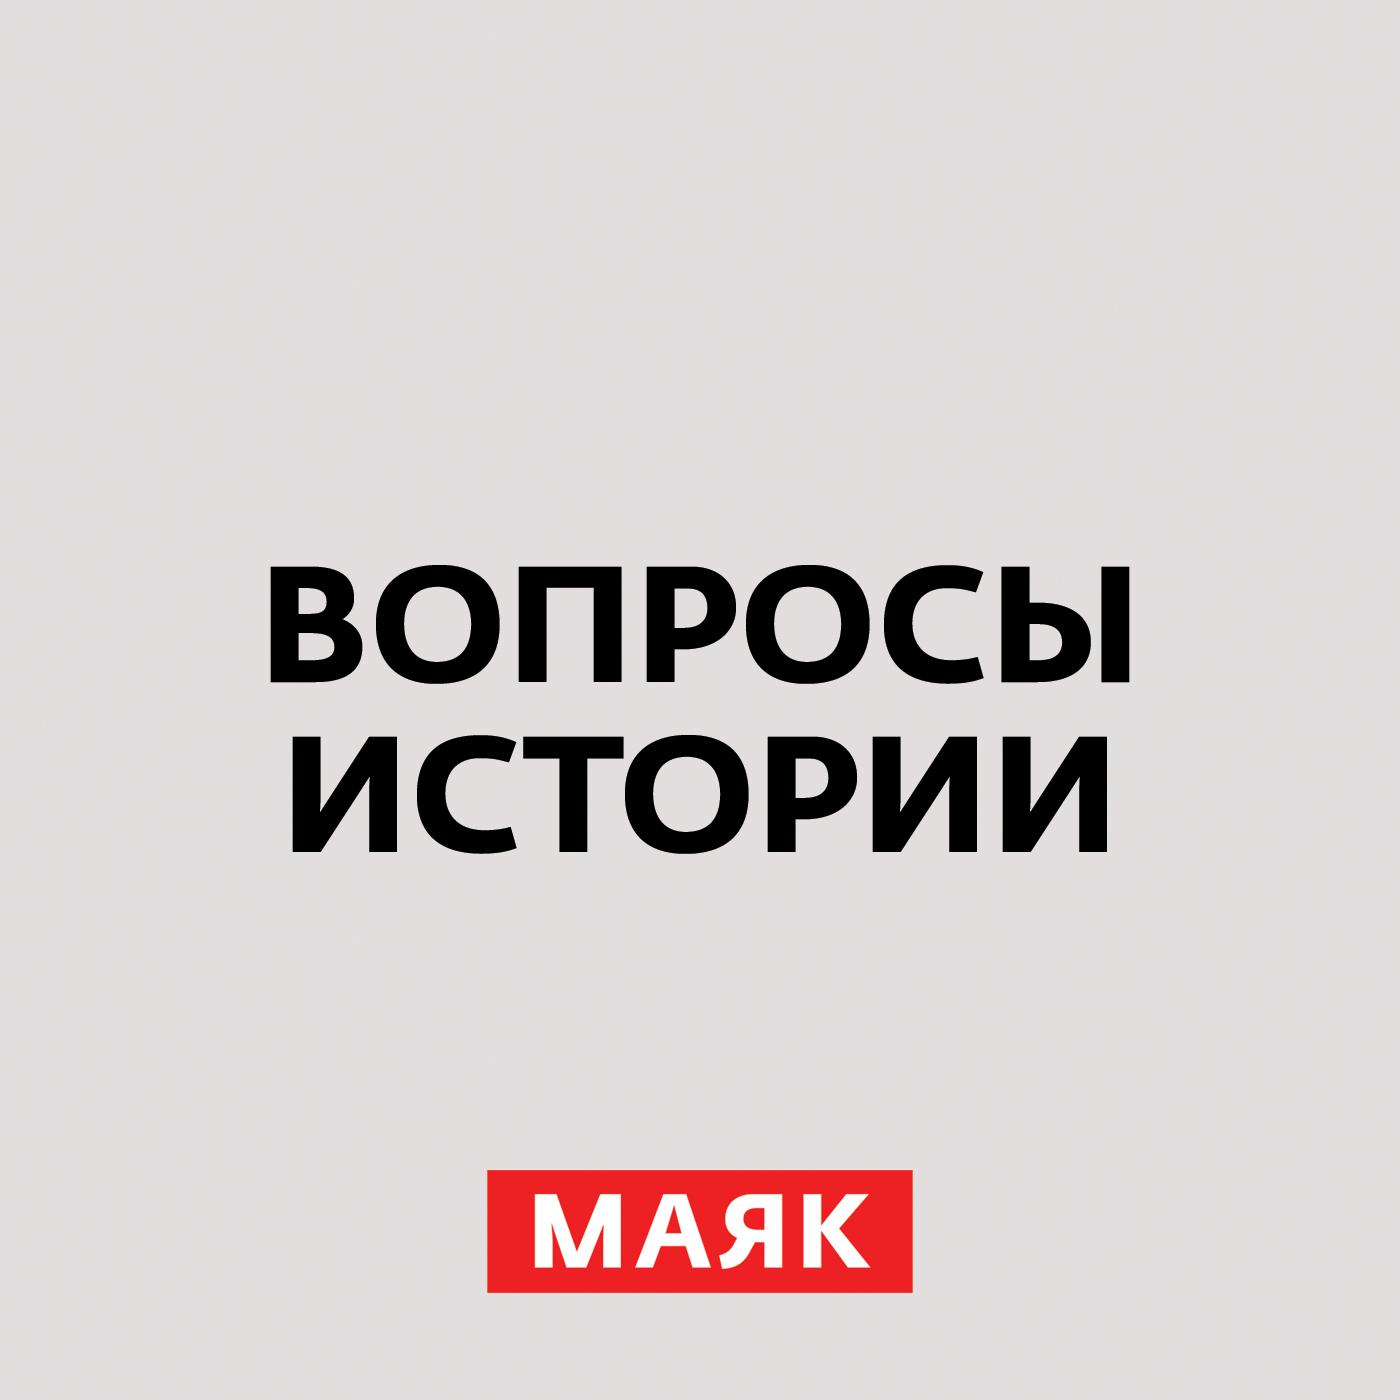 купить Андрей Светенко Первая наступательная операция Красной армии в 41-м. Часть 3 онлайн